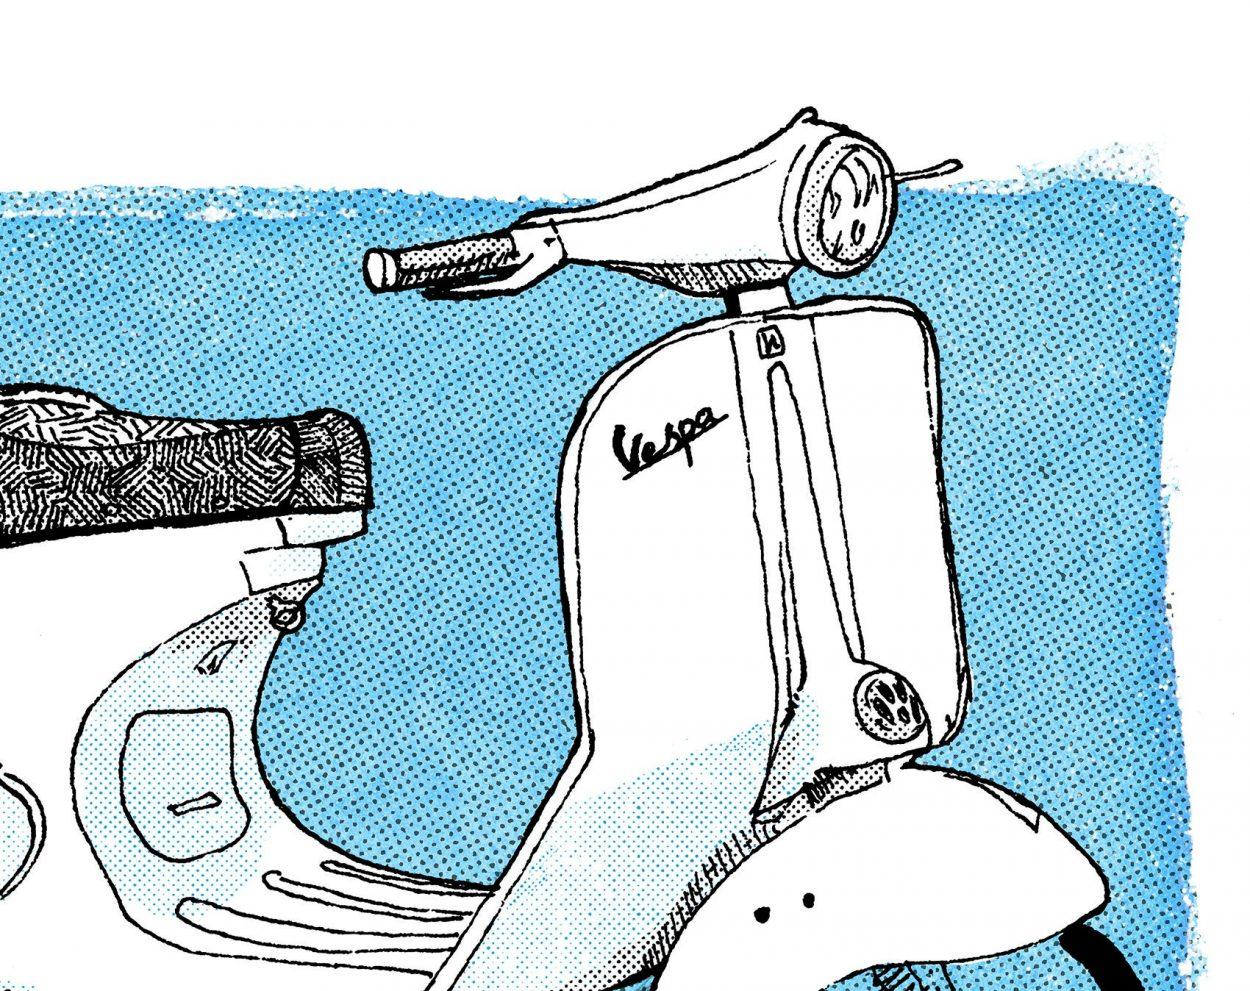 Detalle scooter vespa